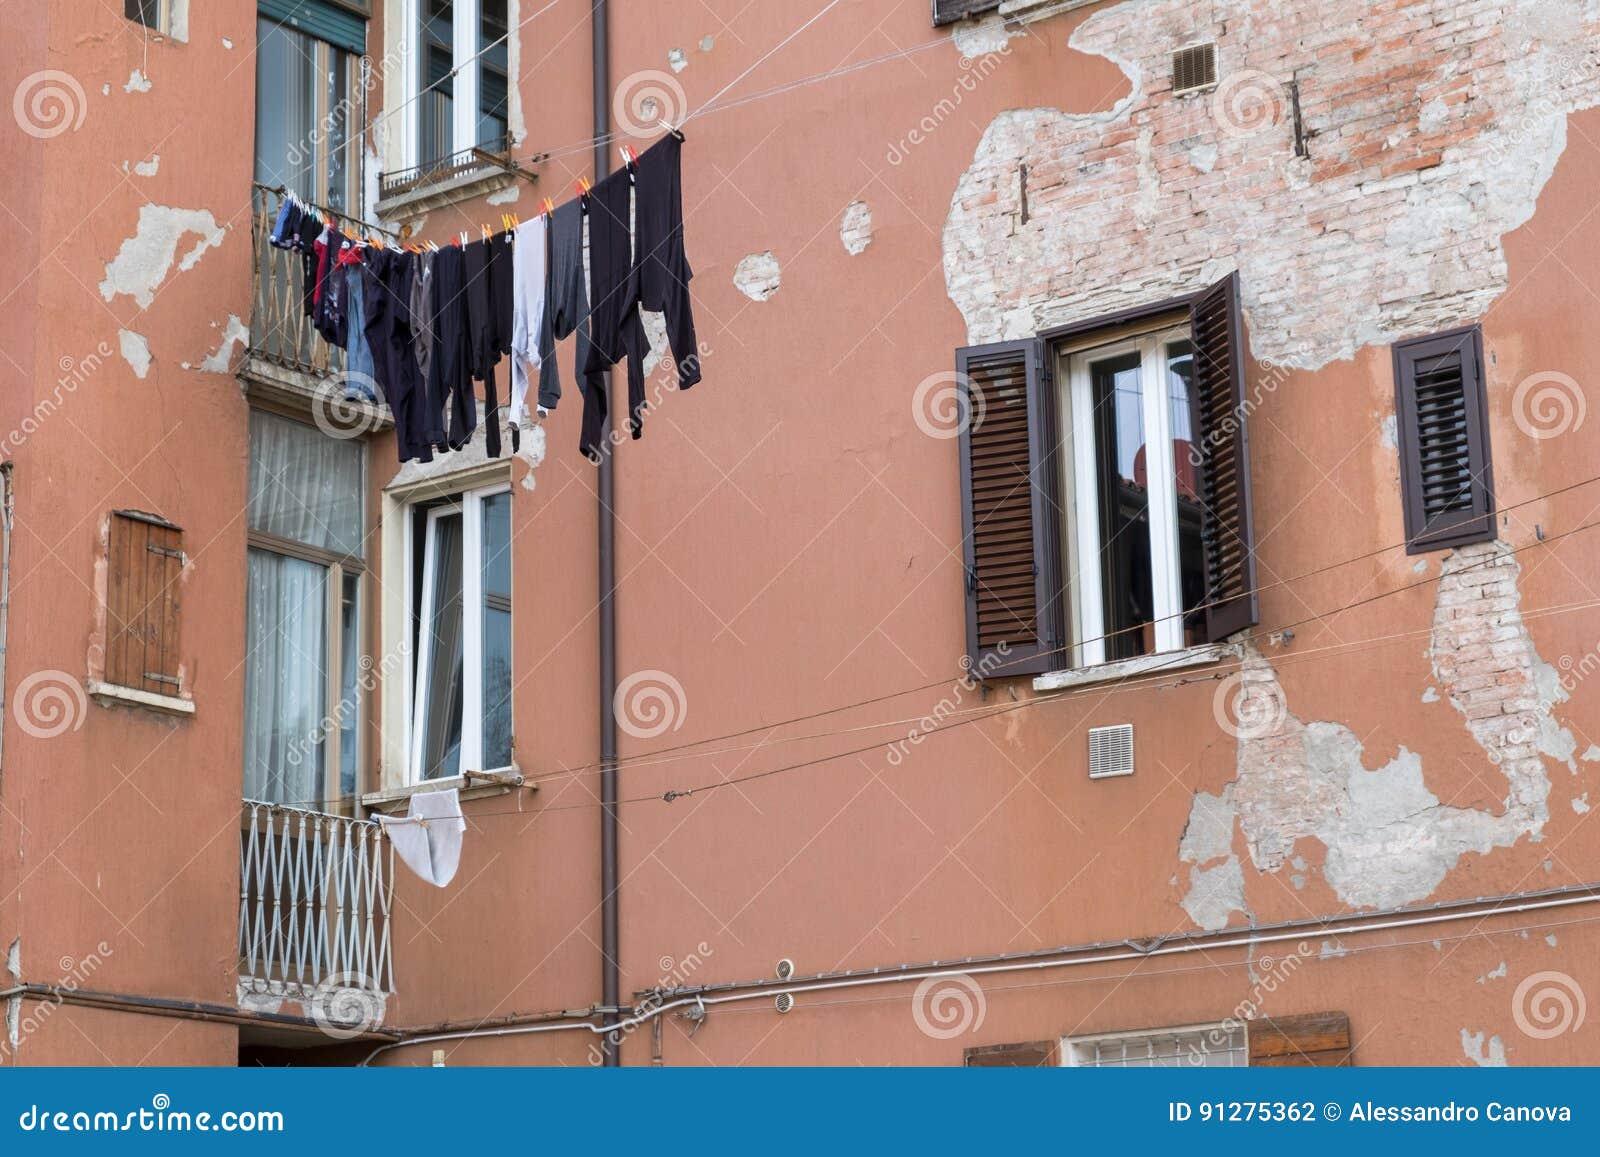 Kläder som hänger i solen